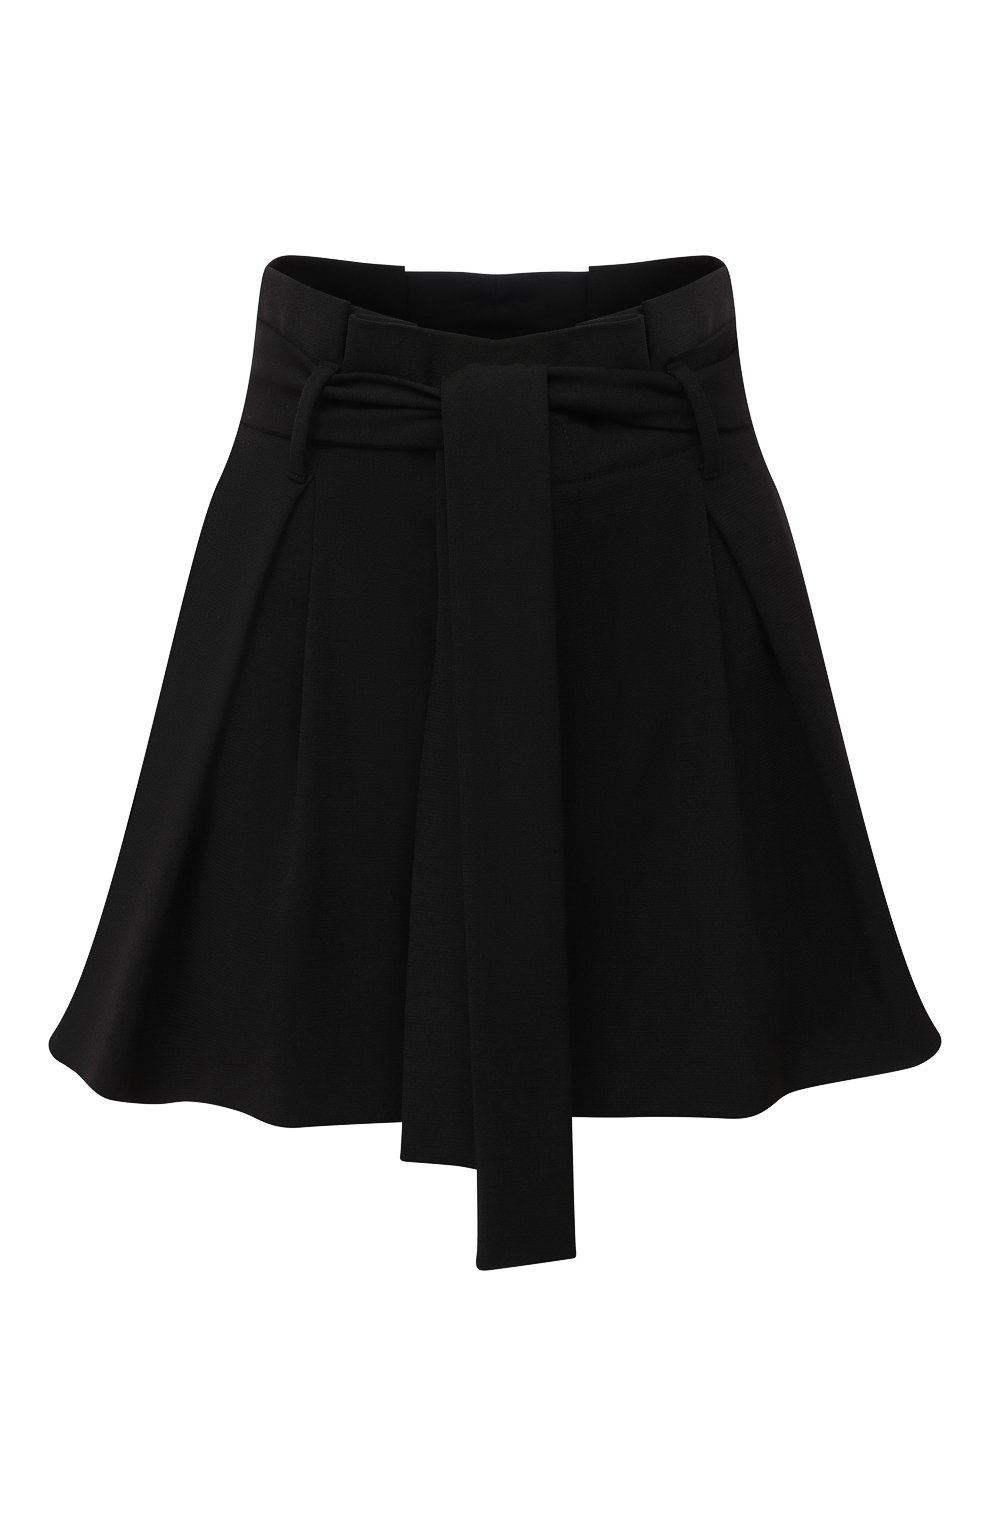 Женские шорты REDVALENTINO черного цвета, арт. UR3RFD75/0VM | Фото 1 (Женское Кросс-КТ: Шорты-одежда; Длина Ж (юбки, платья, шорты): Мини; Материал внешний: Синтетический материал; Стили: Романтичный, Кэжуэл)